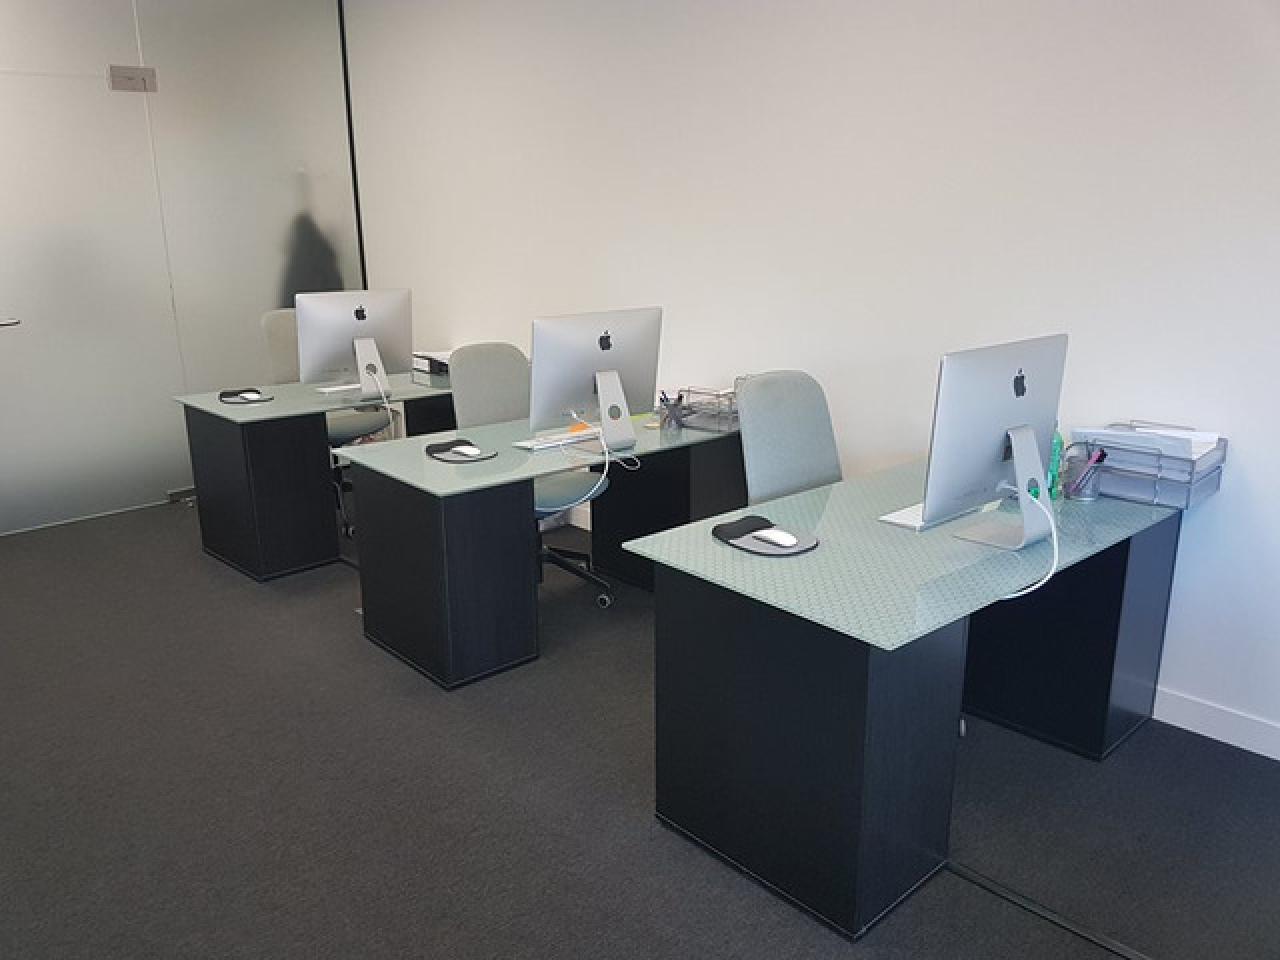 Сдается рабочее место или часть офиса с доступом в Meeting room. - 5/7